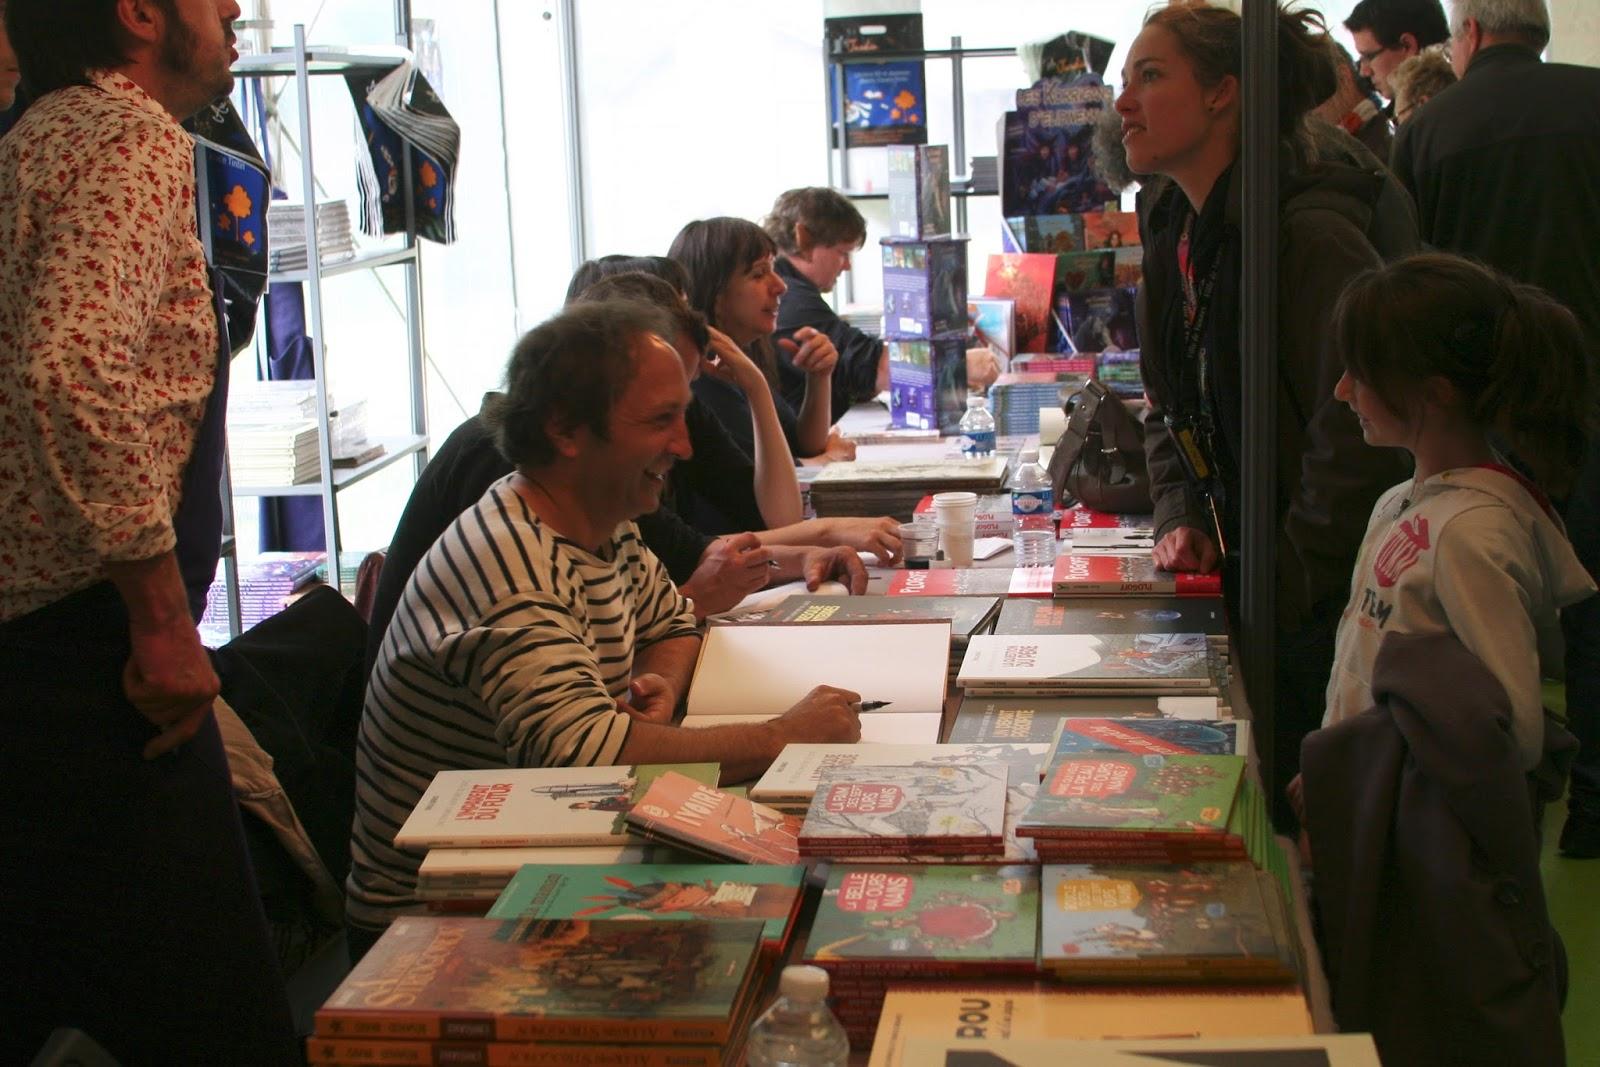 Les patantes aventures d 39 emile bravo blog non officiel salon du livre en bretagne du 21 22 - Salon du livre en bretagne ...